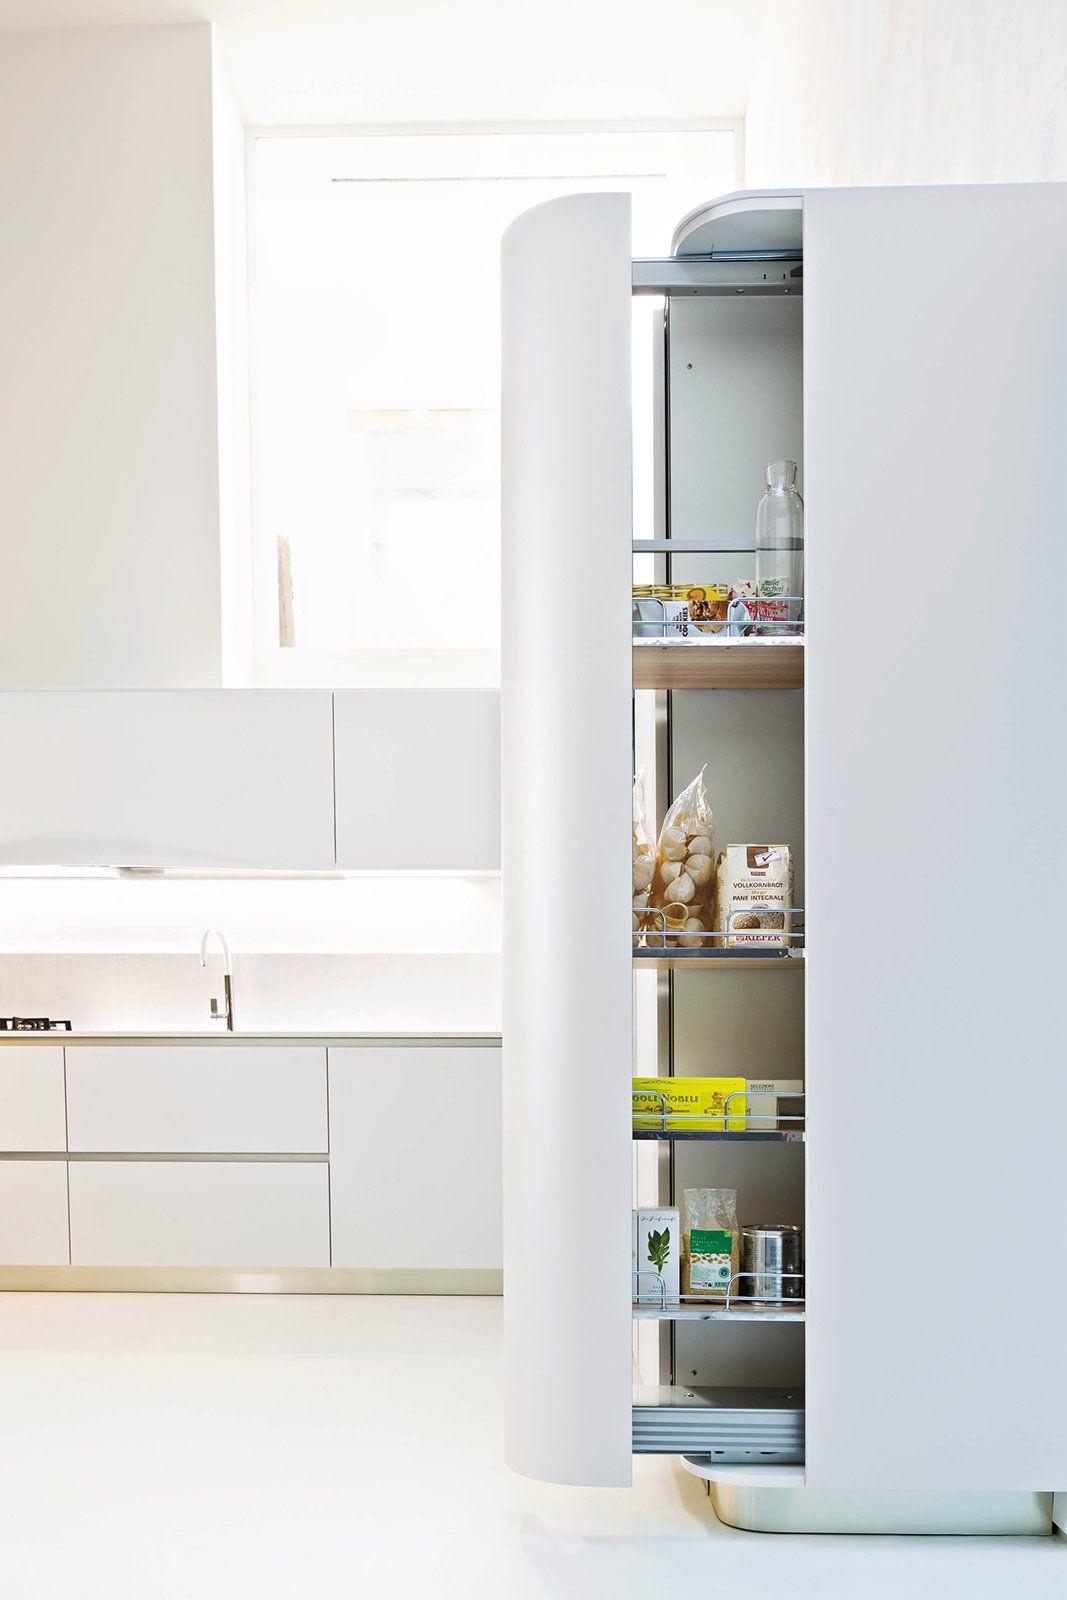 Cucina che moduli scelgo per la dispensa cucine for Programma per cucine